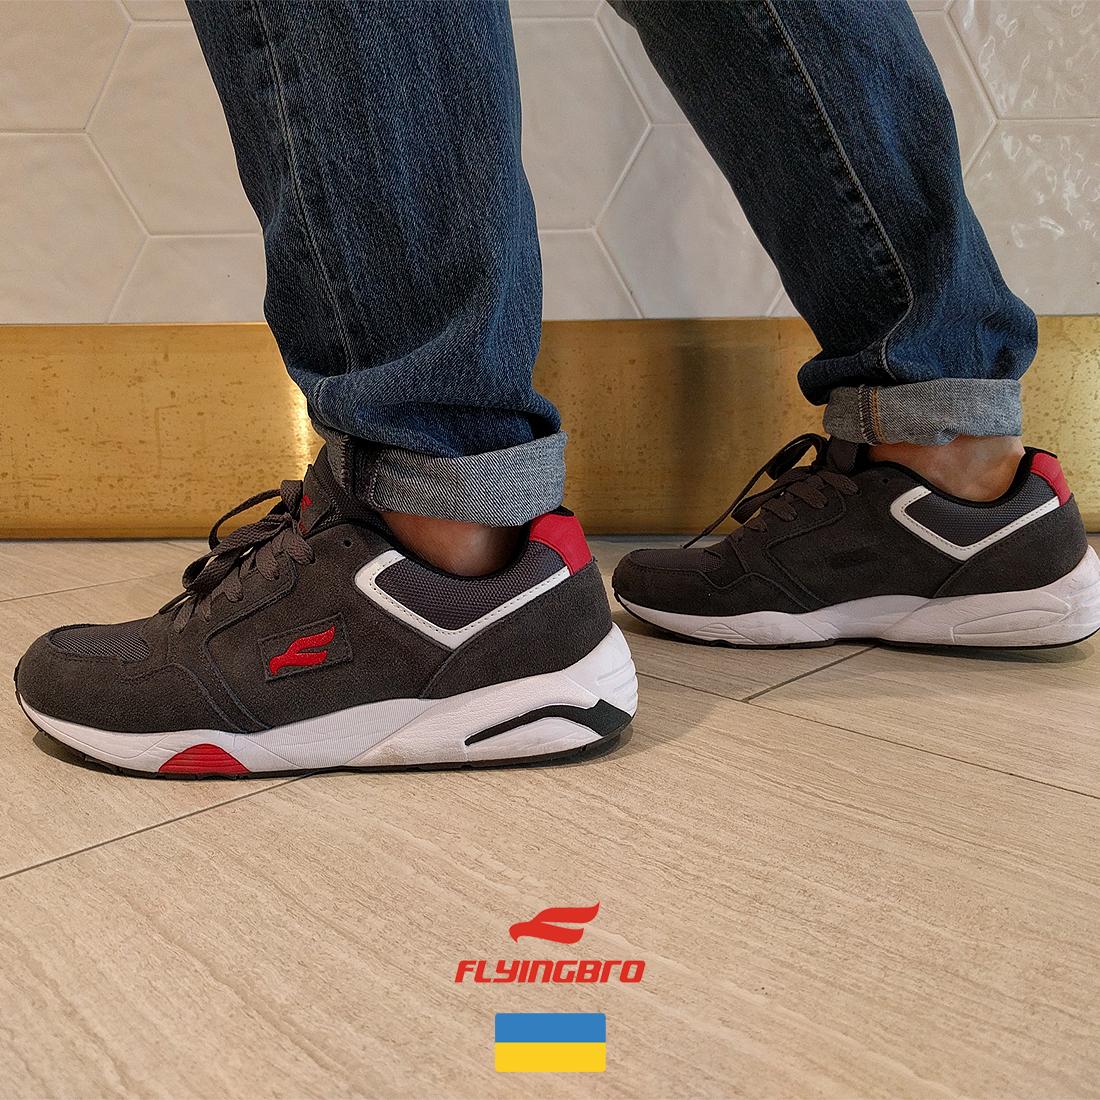 Але перед виробниками та Flyingbro постала інша проблема – відсутність  комплектуючих для кросівок в Україні. Для сучасних кросівок потрібні  сучасні 0b131a71215fe